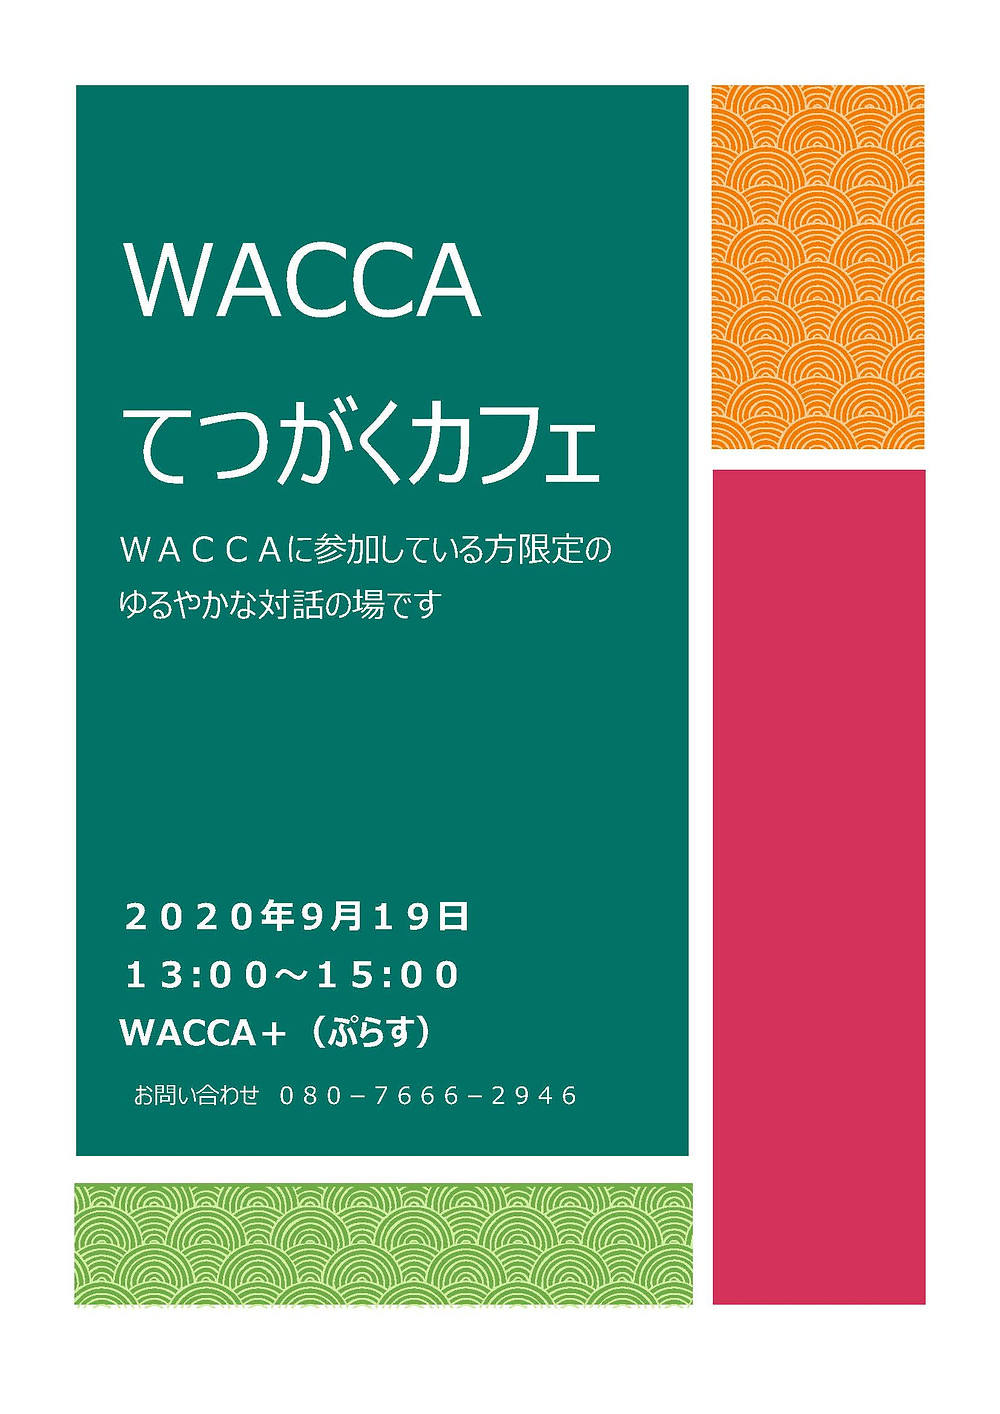 WACCAてつがくカフェ